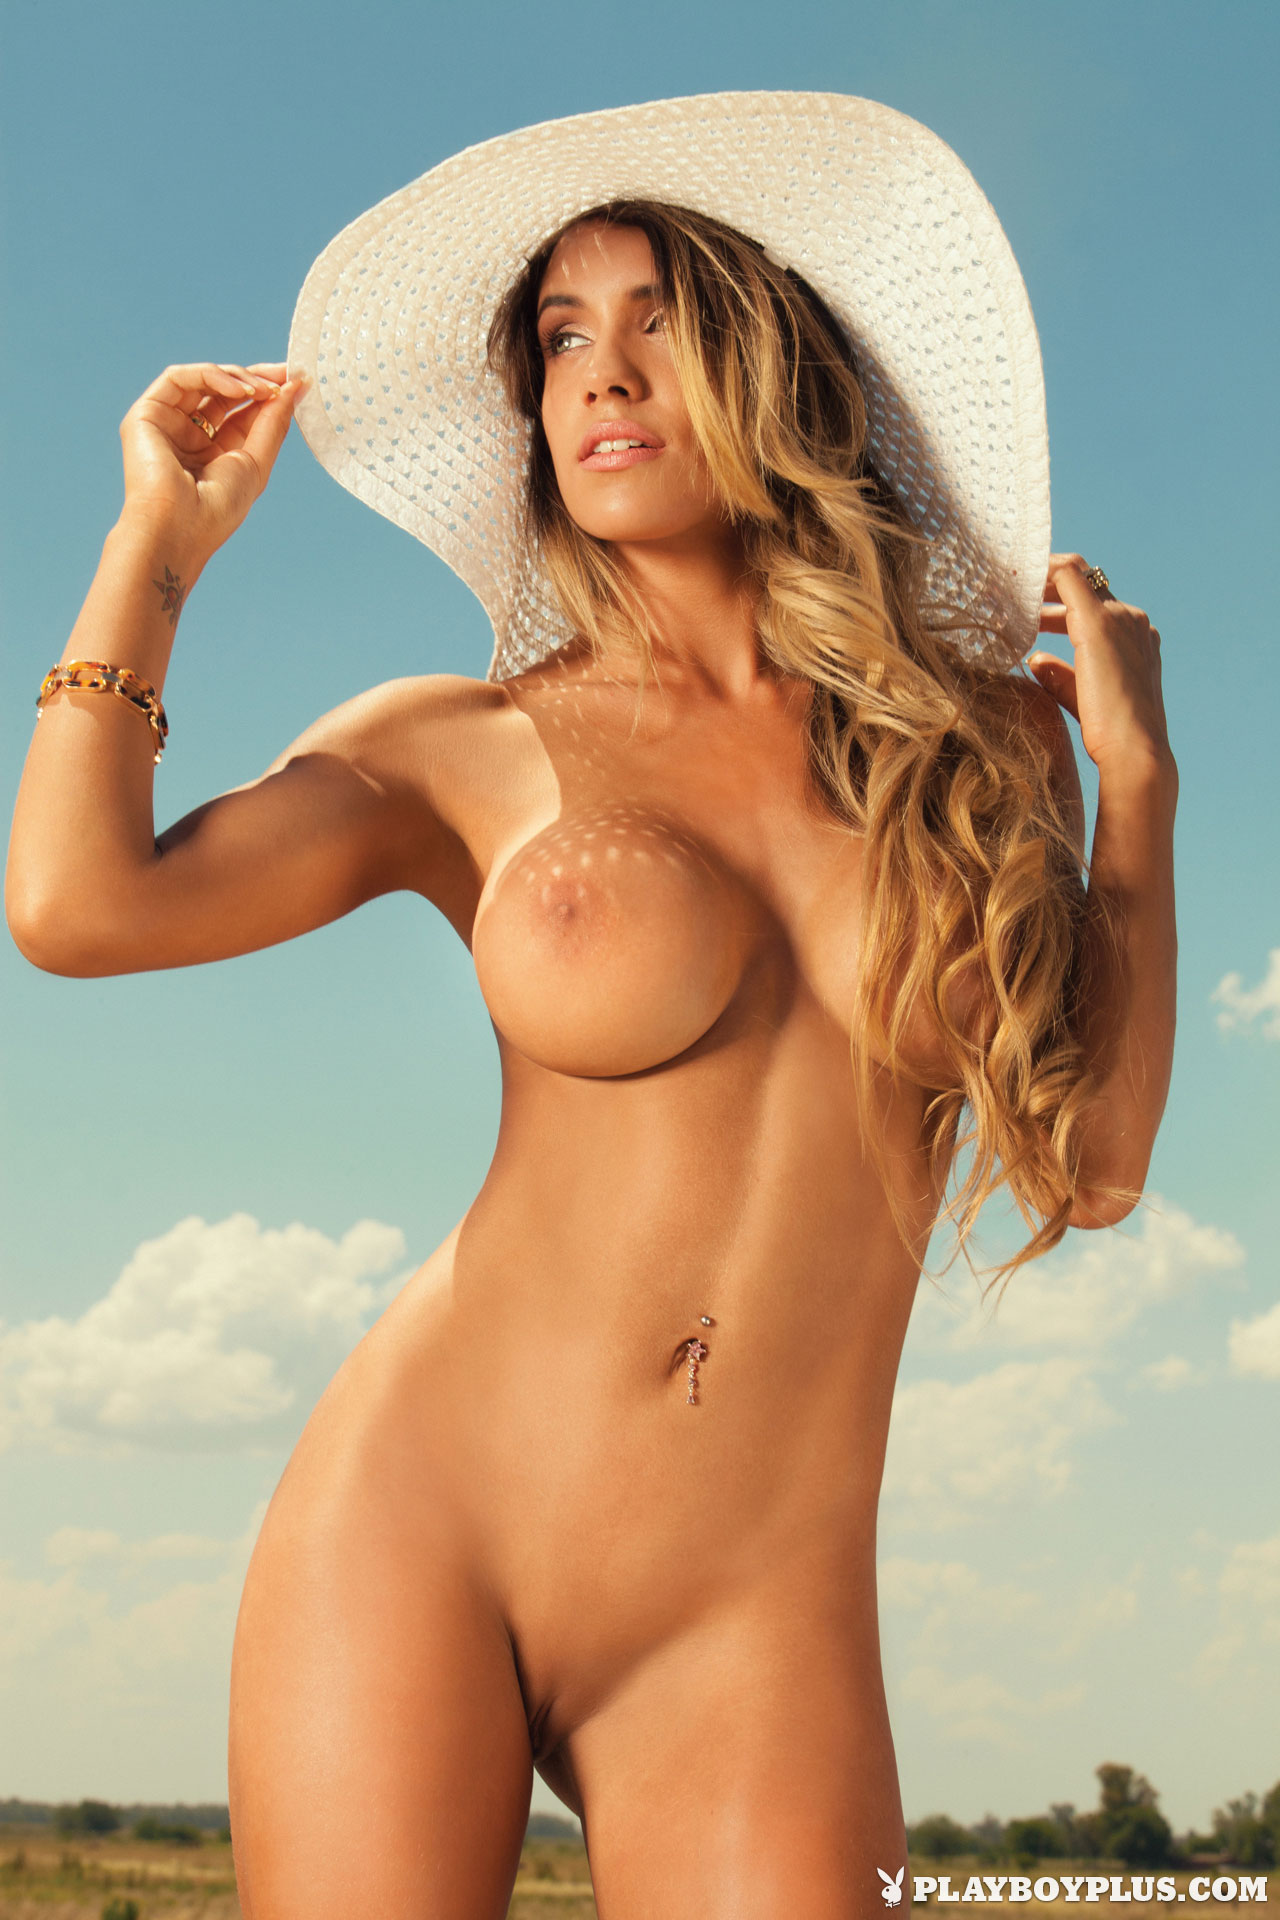 interracial-nude-sexy-argentinian-girl-girl-sex